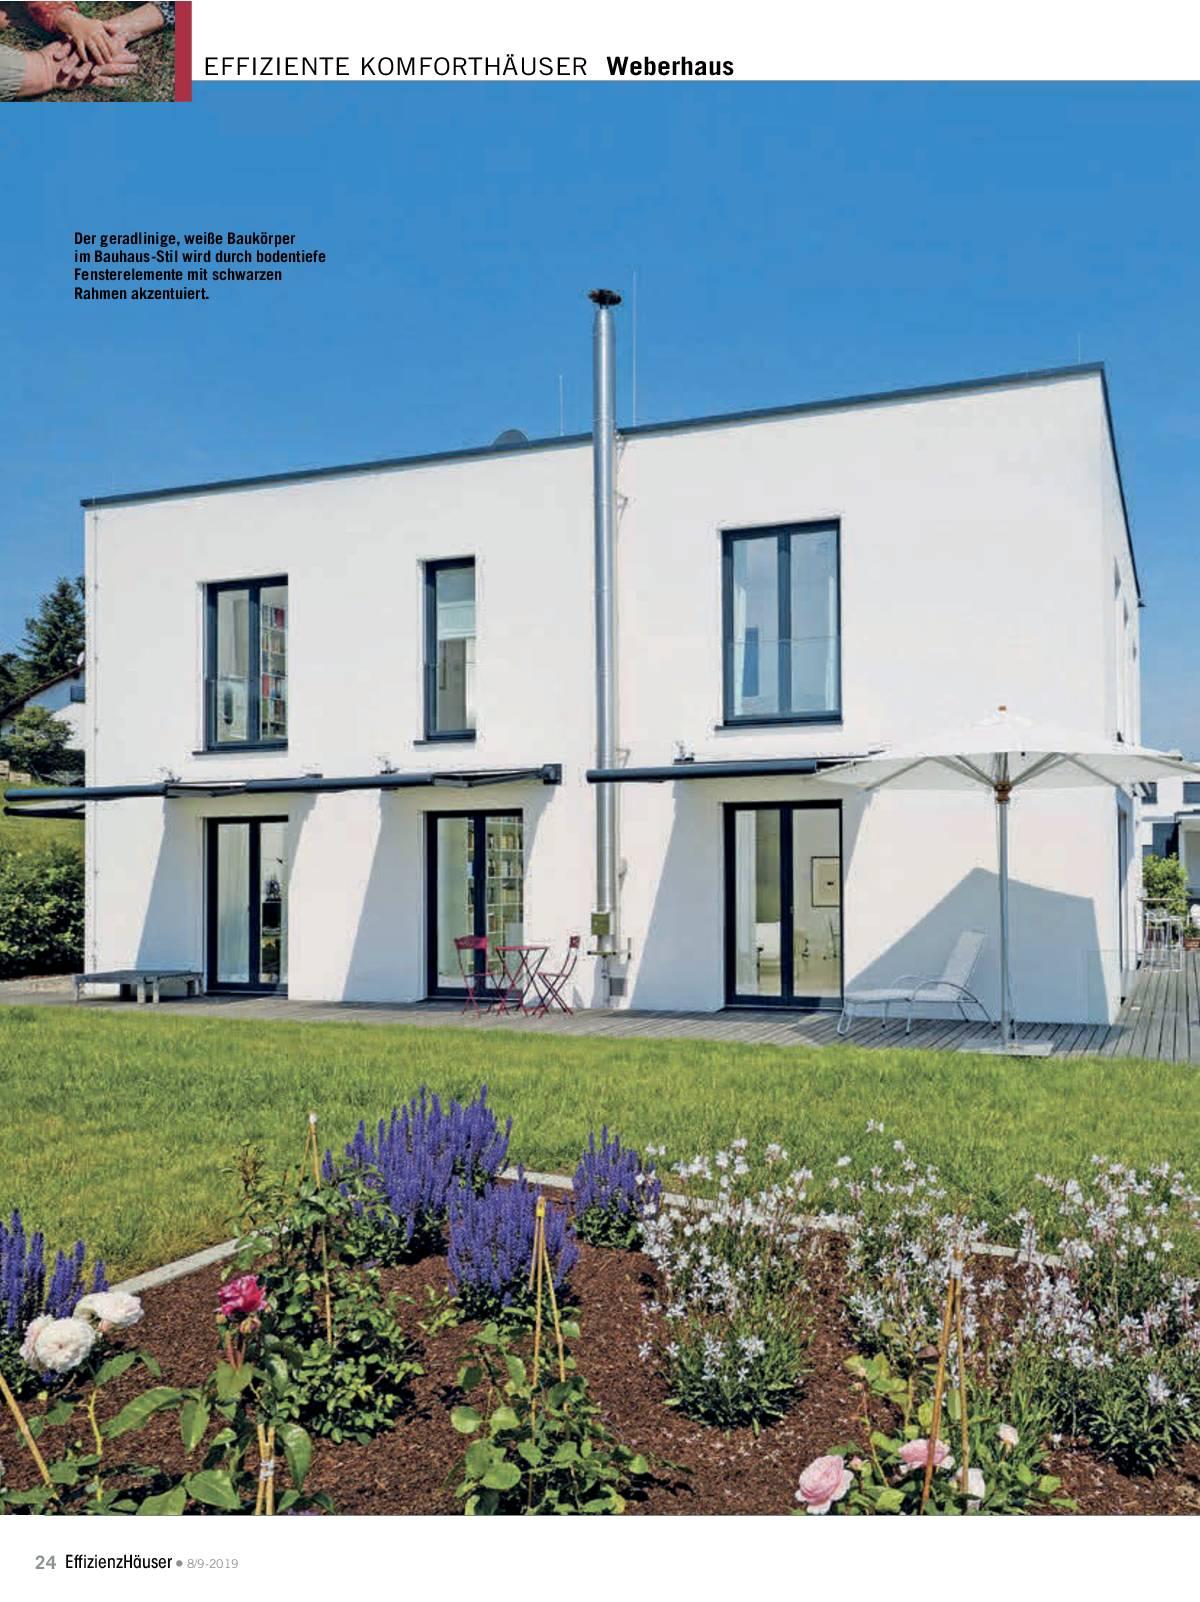 Effizienzhäuser Ausgabe 8/ 9 2019